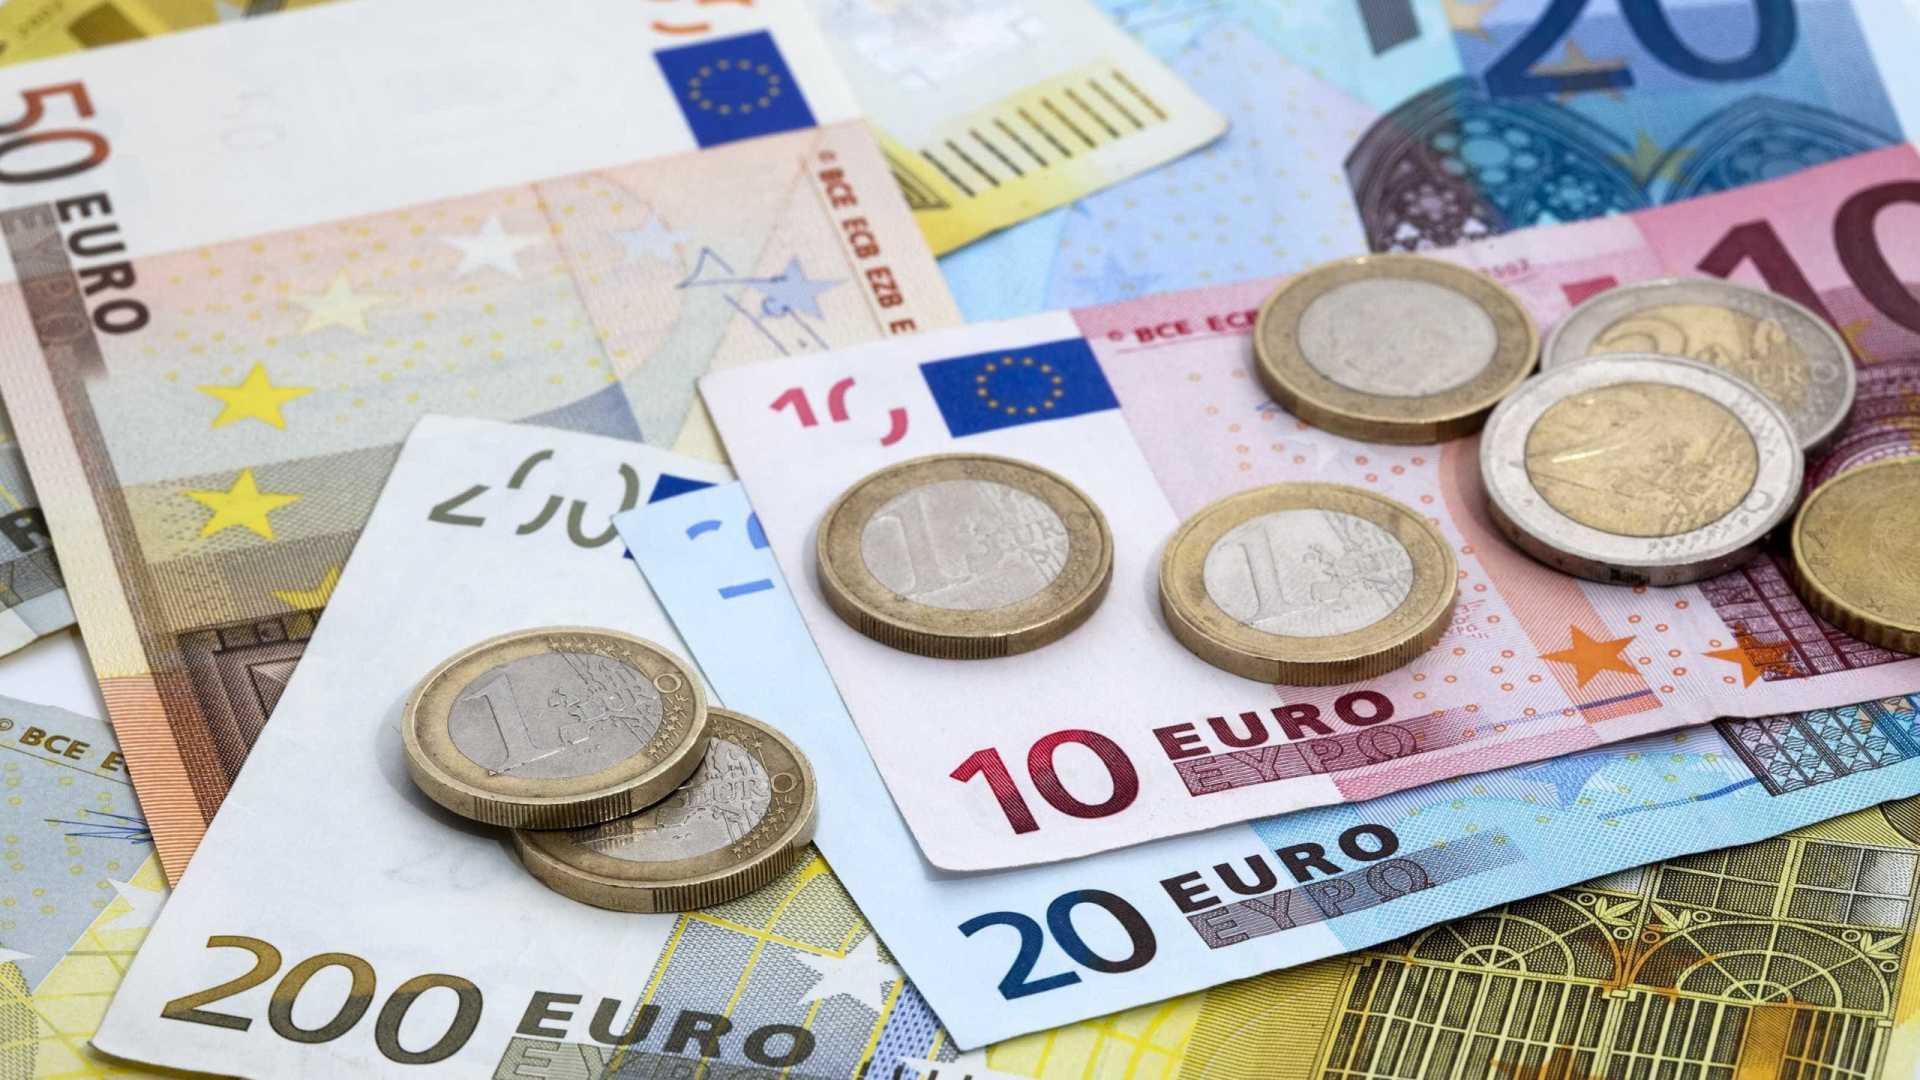 Tỷ giá đồng Euro hôm nay (21/10): Biến động trái chiều giữa các ngân hàng - Ảnh 1.